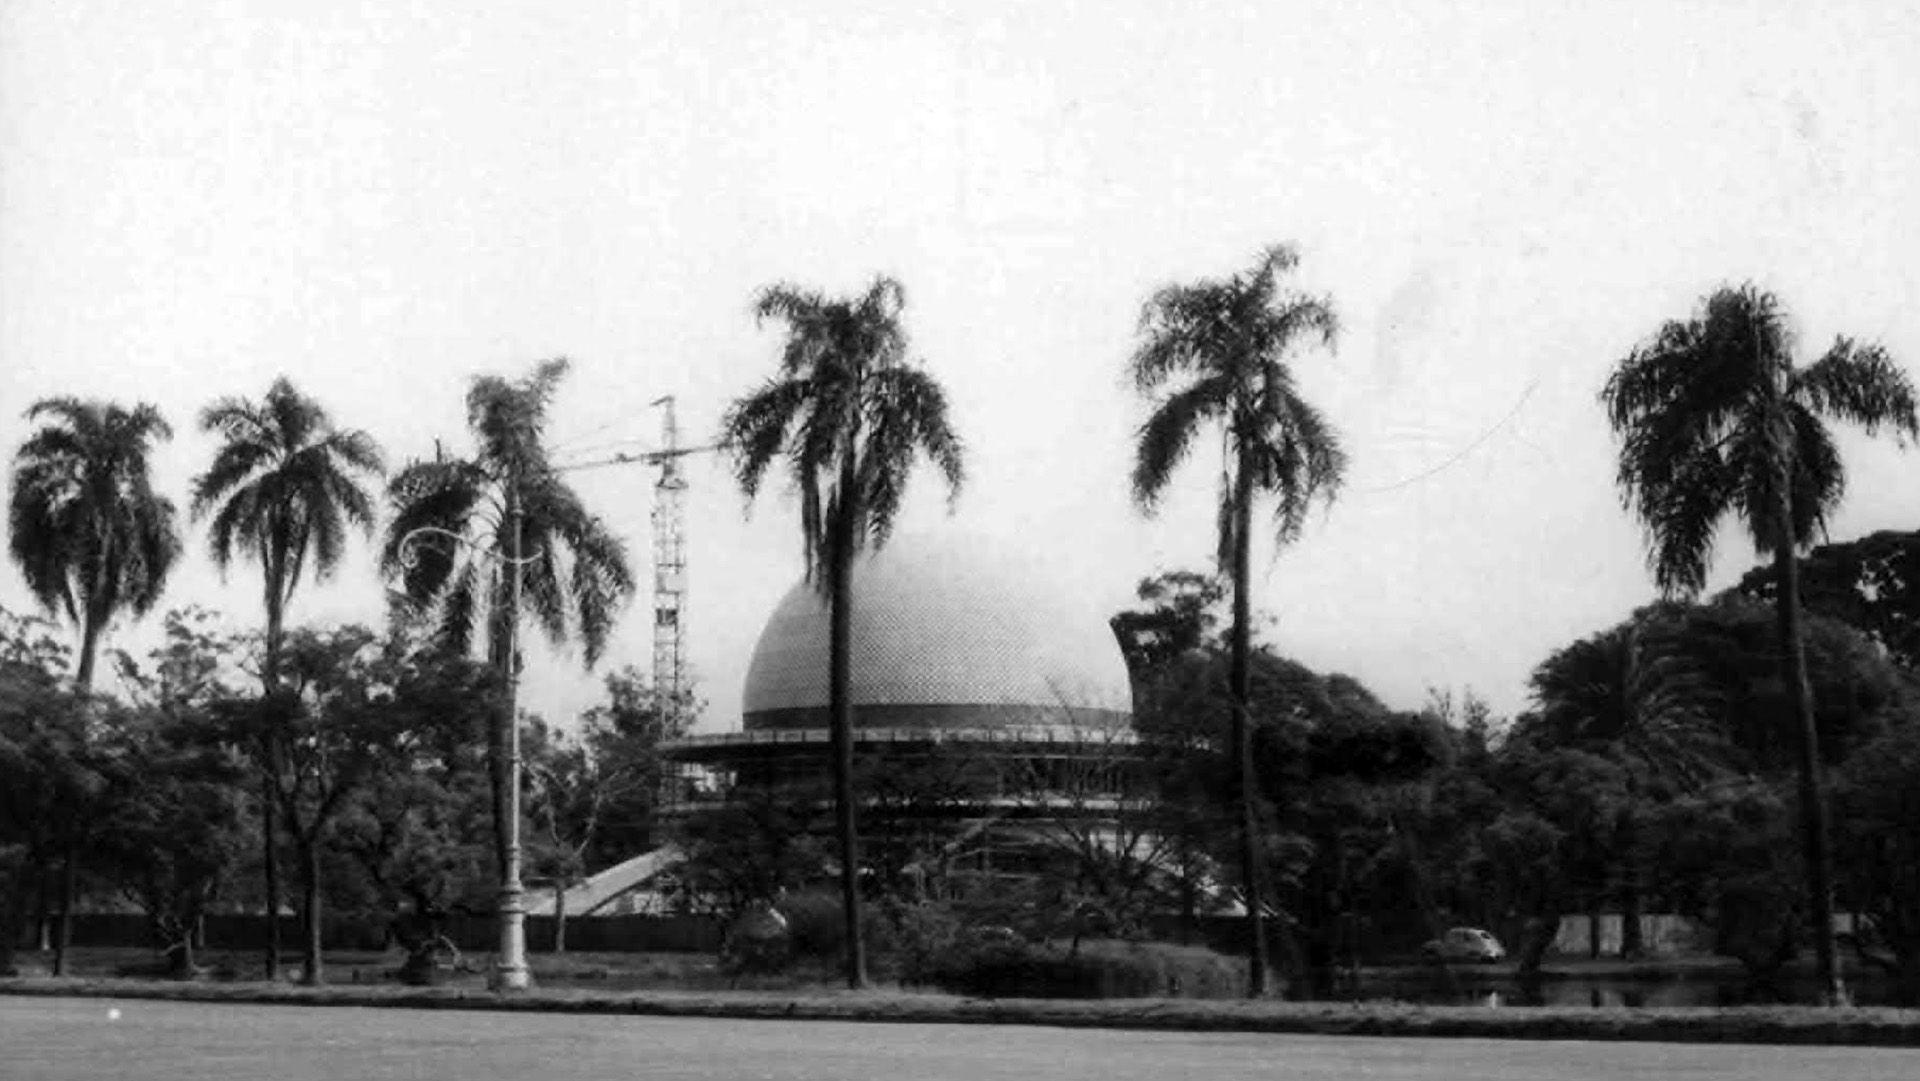 El Planetario de Buenos Aires es obra del arquitecto Enrique Jan que pensó su diseño en términos de figuras geométricas